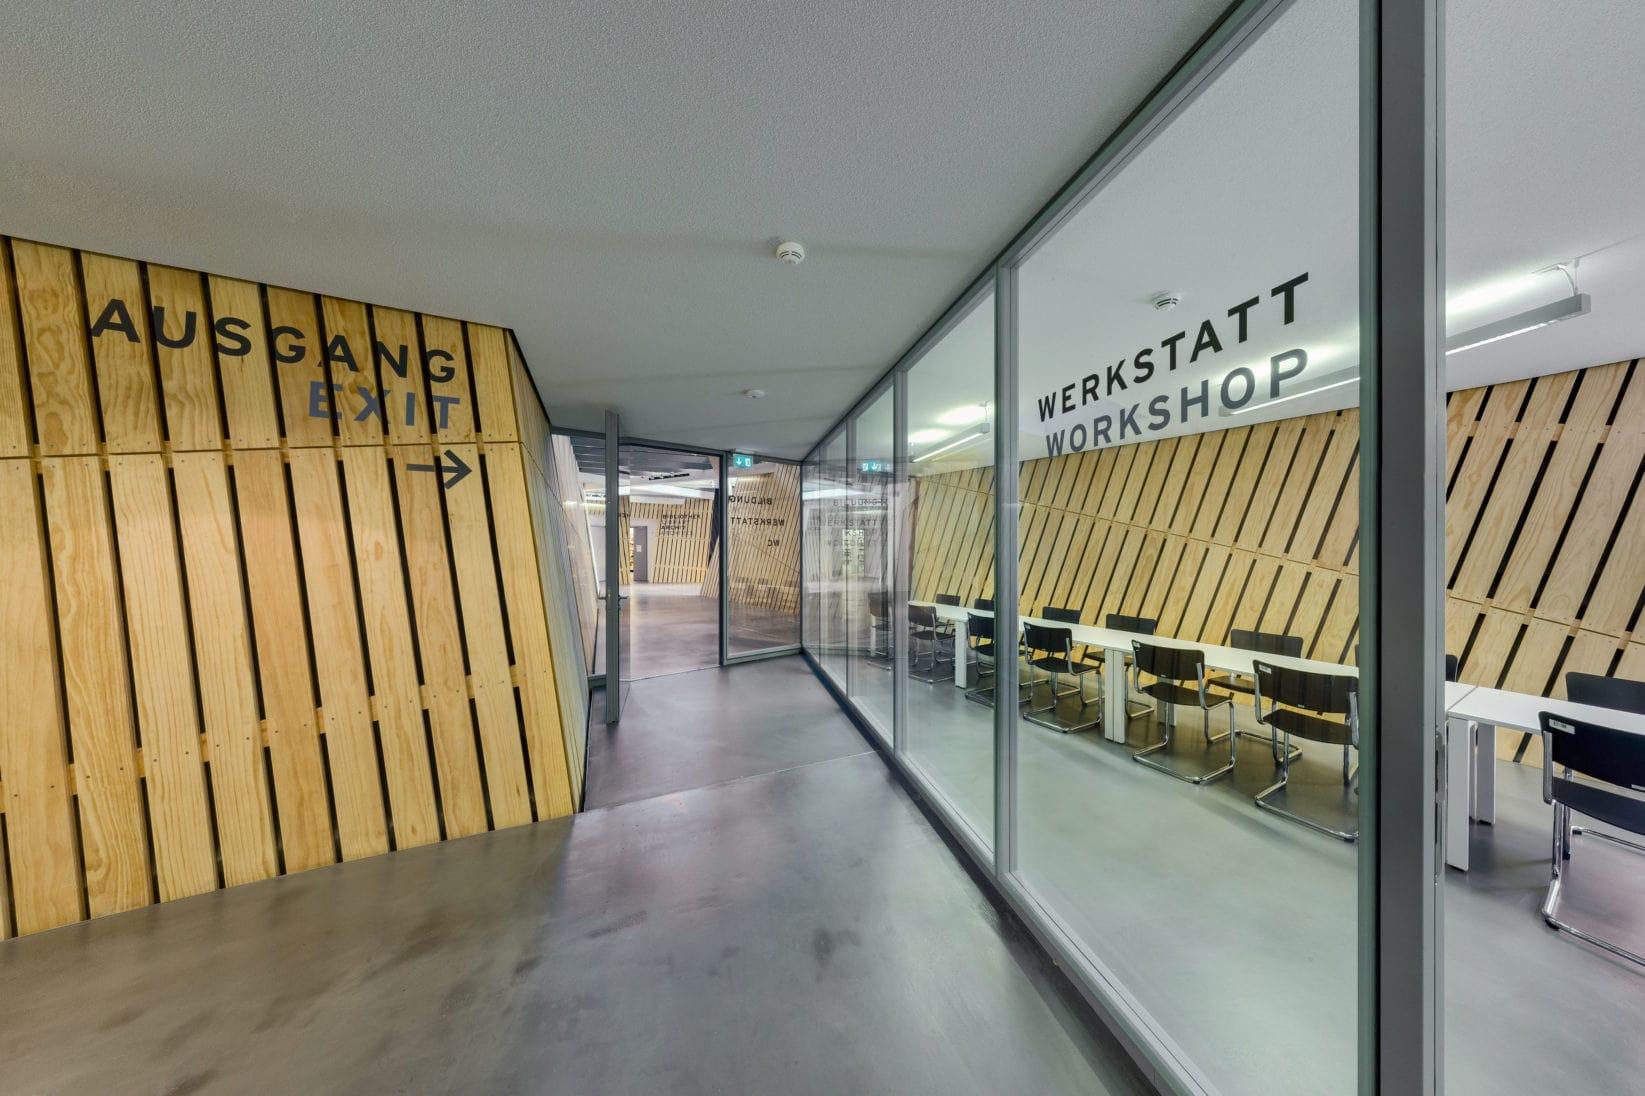 Juedisches Museum Berlin Akademie Werkstatt